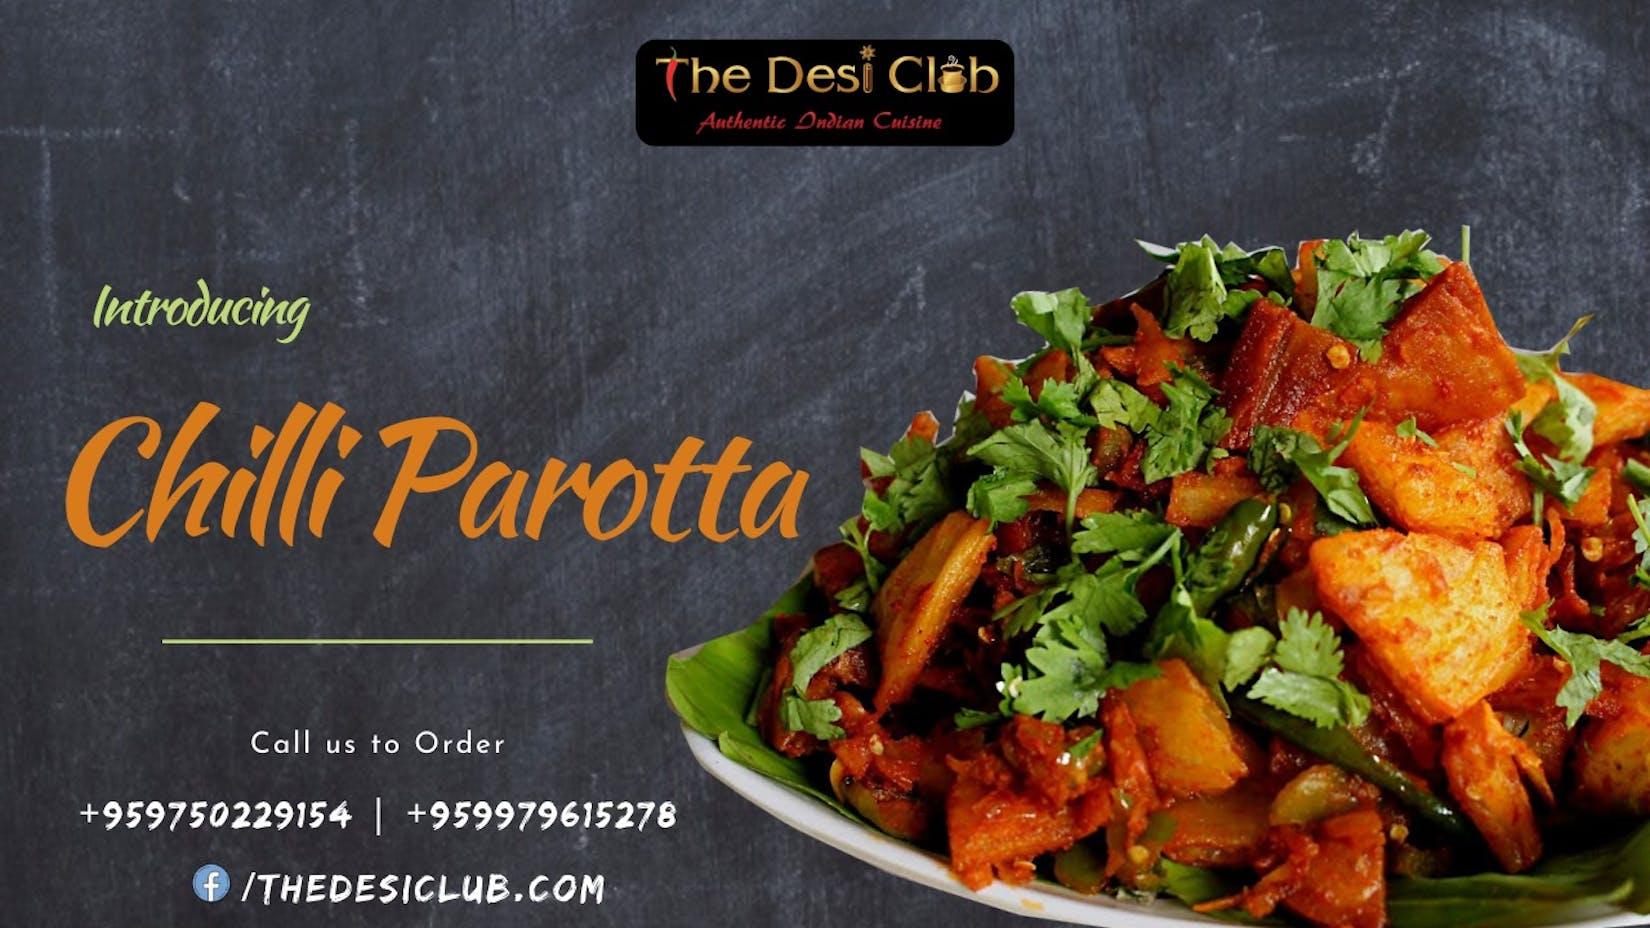 The Desi Club | yathar